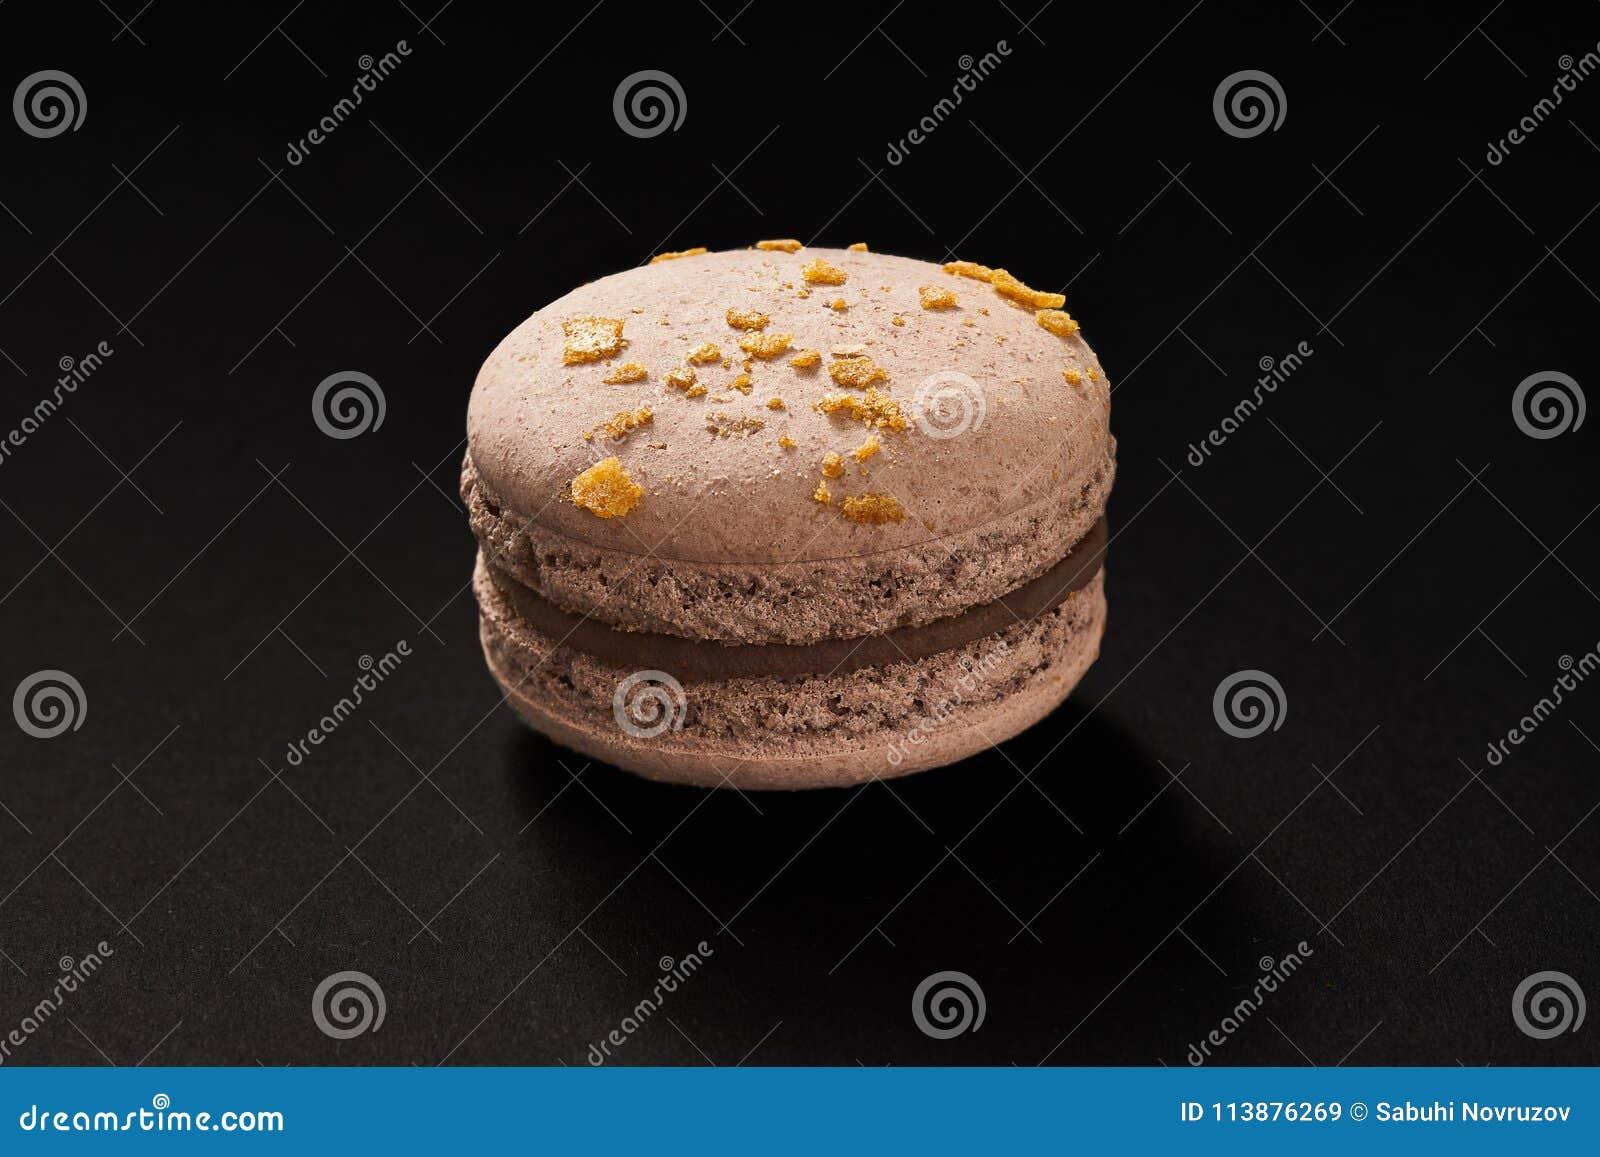 Ένα κέικ του καφετιού χρώματος μακαρονιών Εύγευστο macaroon σοκολάτας που απομονώνεται στο μαύρο υπόβαθρο Γαλλικό γλυκό μπισκότο